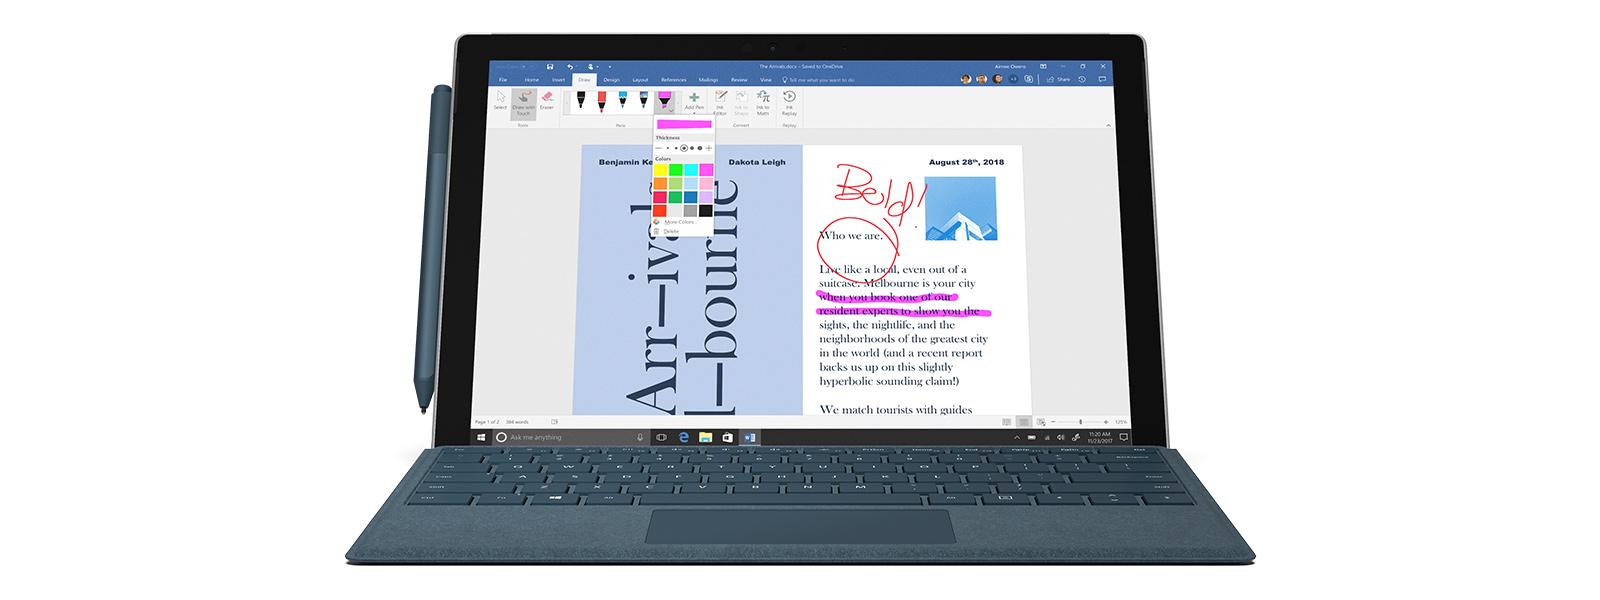 Ноутбук Surface Pro с экраном программы Paint 3D, на котором демонстрируются возможности рукописного ввода